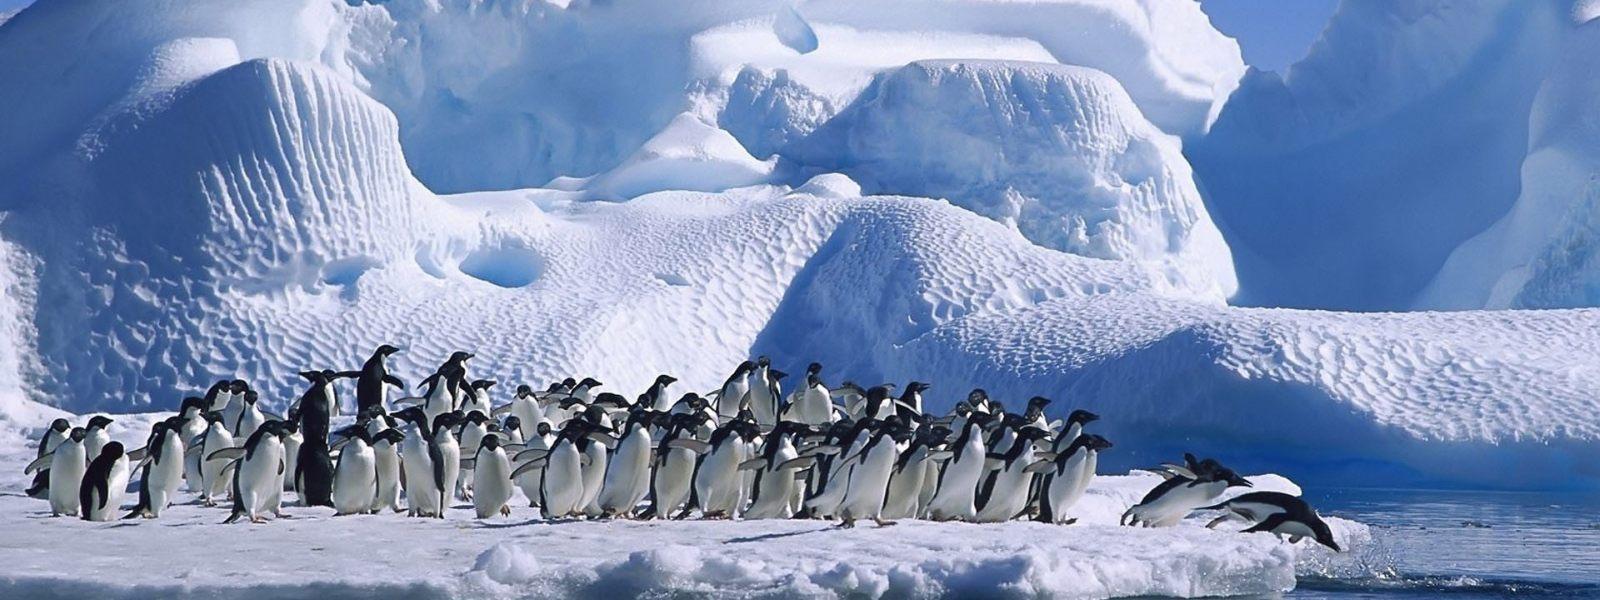 Стая пингвинов в Антарктиде